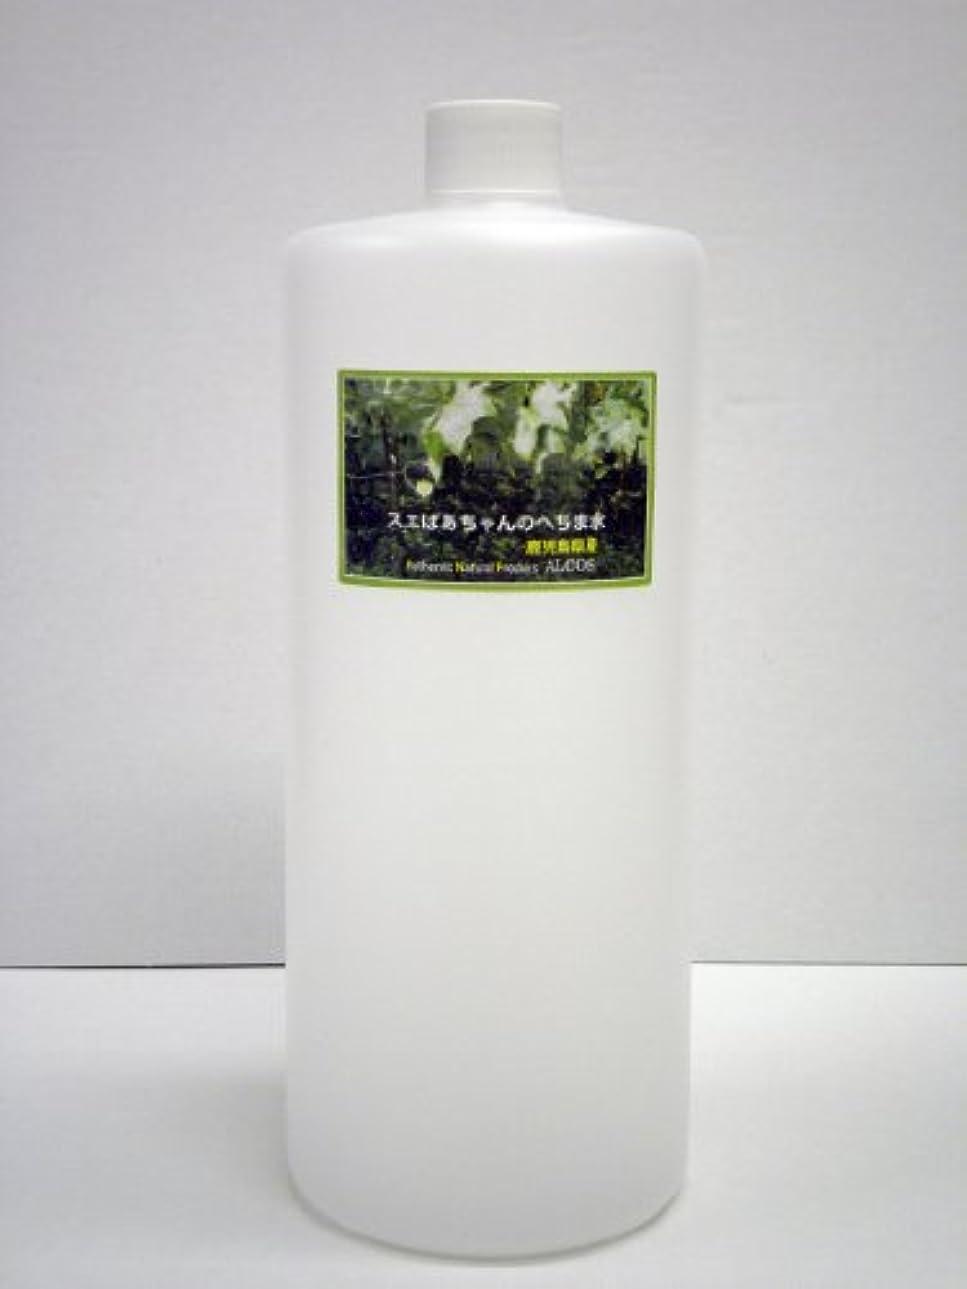 配る類似性バラバラにするスエばあちゃんのへちま水(容量1000ml)鹿児島県産?有機栽培(無農薬) ※完全無添加オーガニックヘチマ水100% ※商品のラベルはスエばあちゃんのへちま畑の写真です。ALCOS(アルコス) 天然へちま水 [1000]